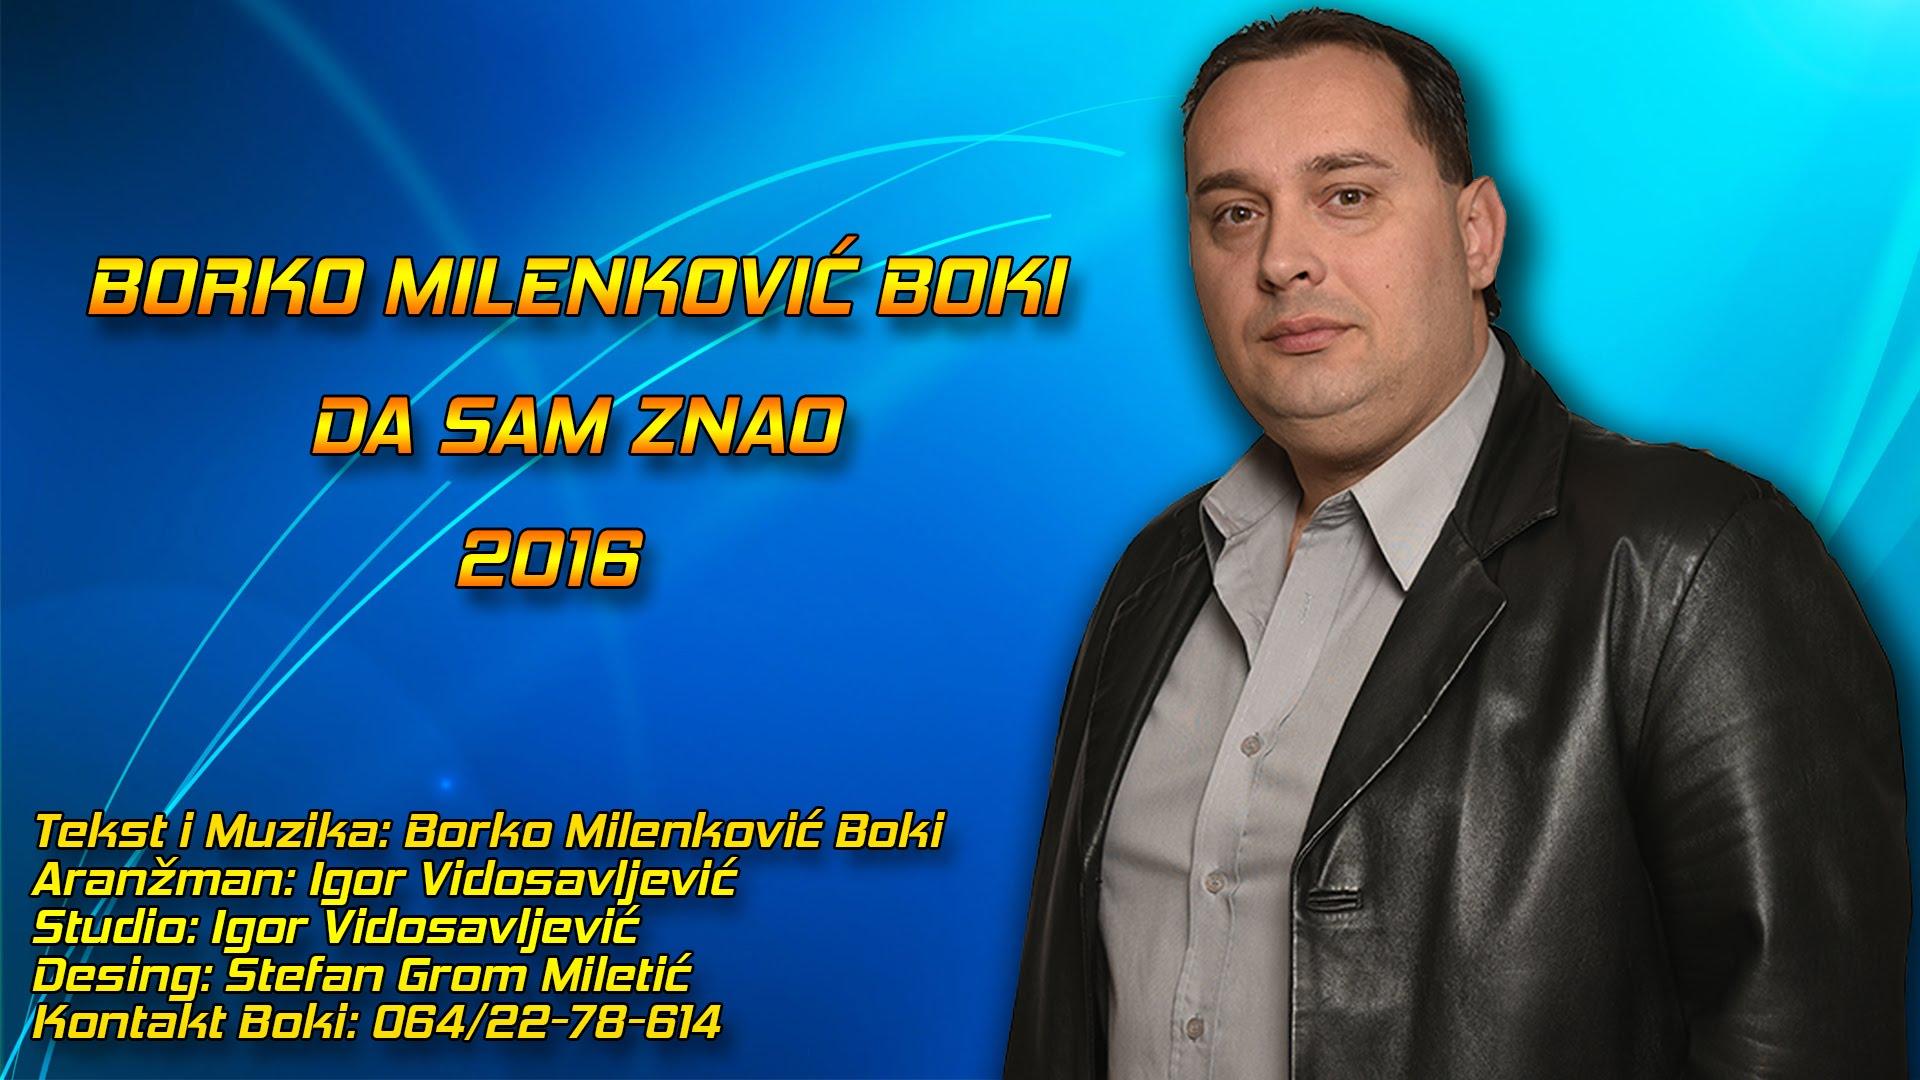 Borko Milenkovic Boki - 2016 - Da Sam Znao